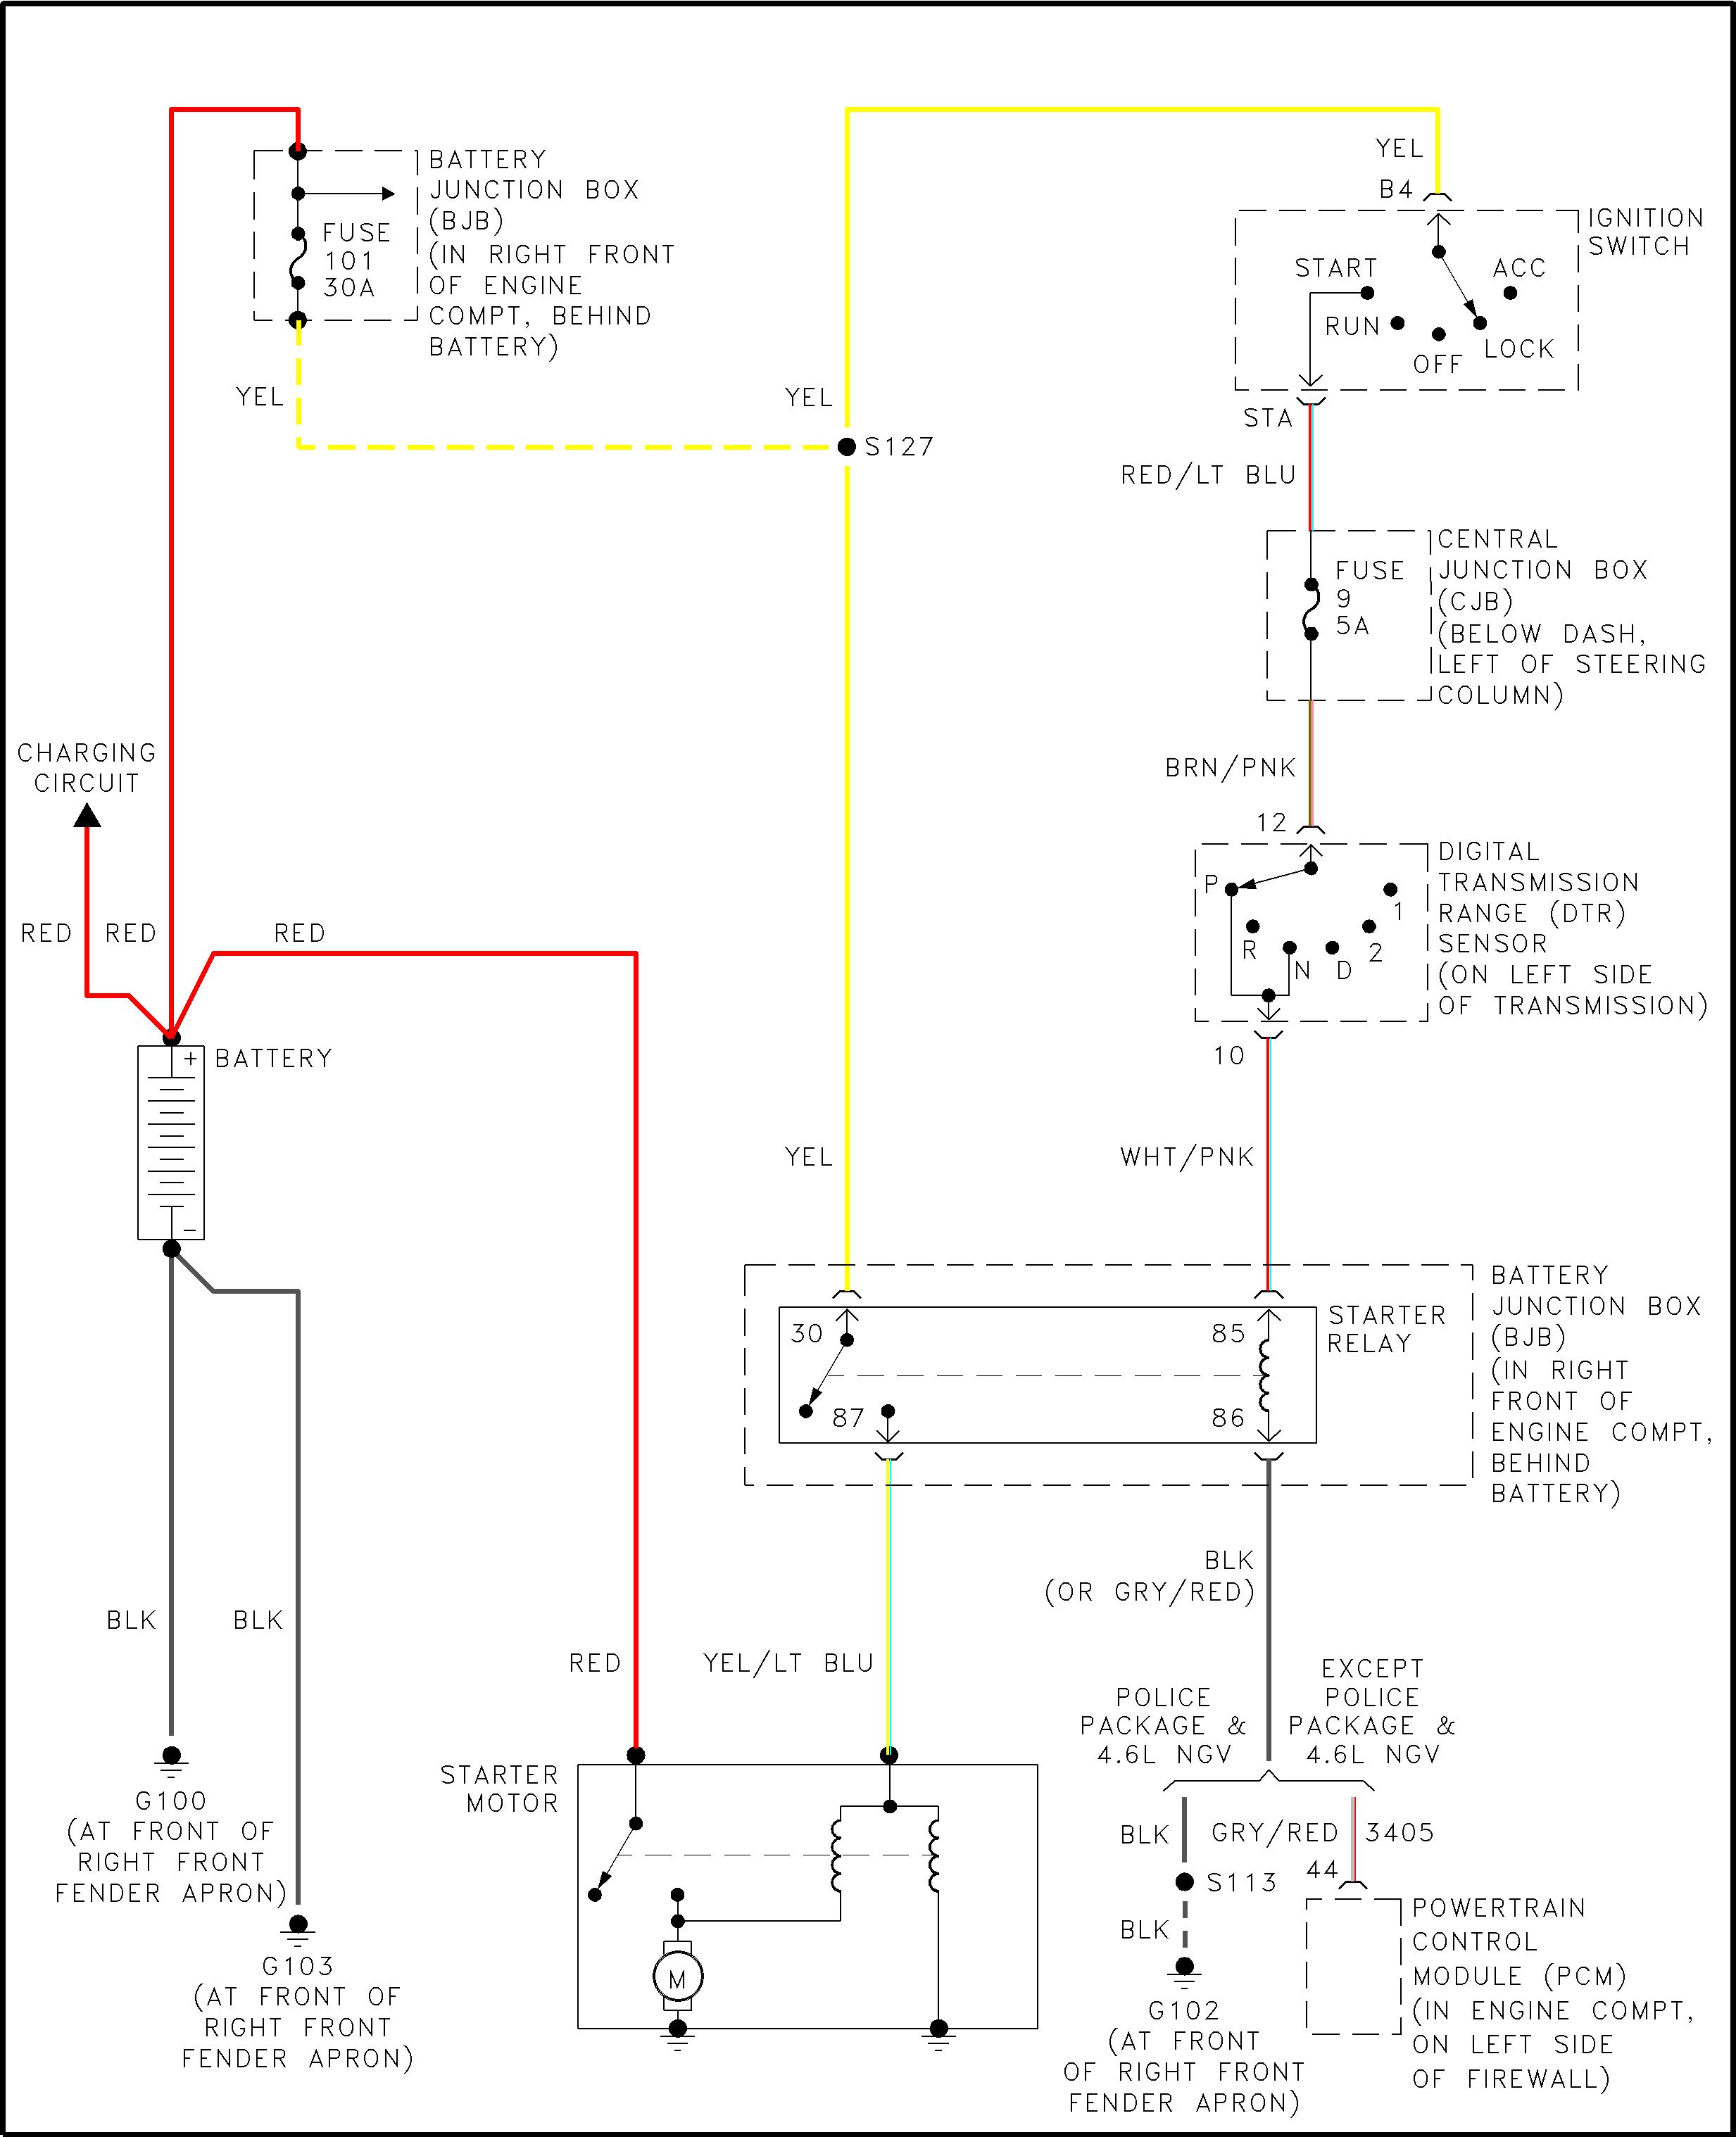 c5d4396d-4283-4c60-ac02-31f1ffba51b8_starting circuit.png